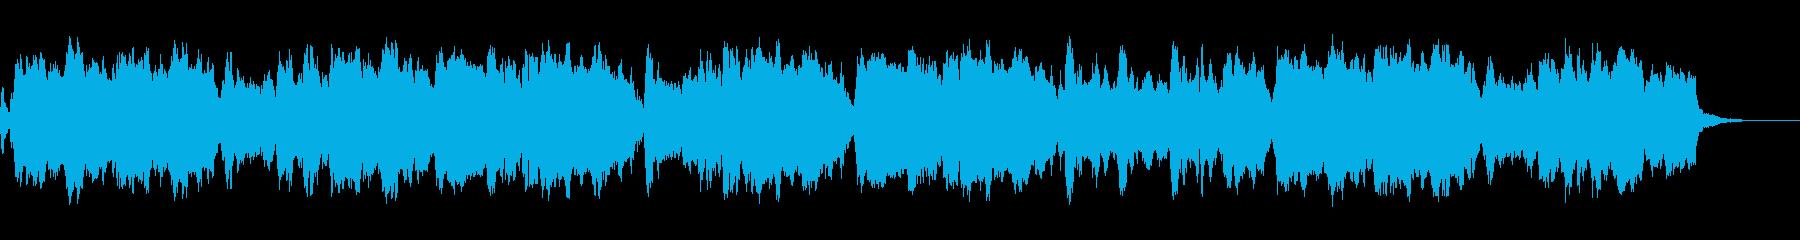 ハリウッド「短くて壮大」オーケストラdの再生済みの波形